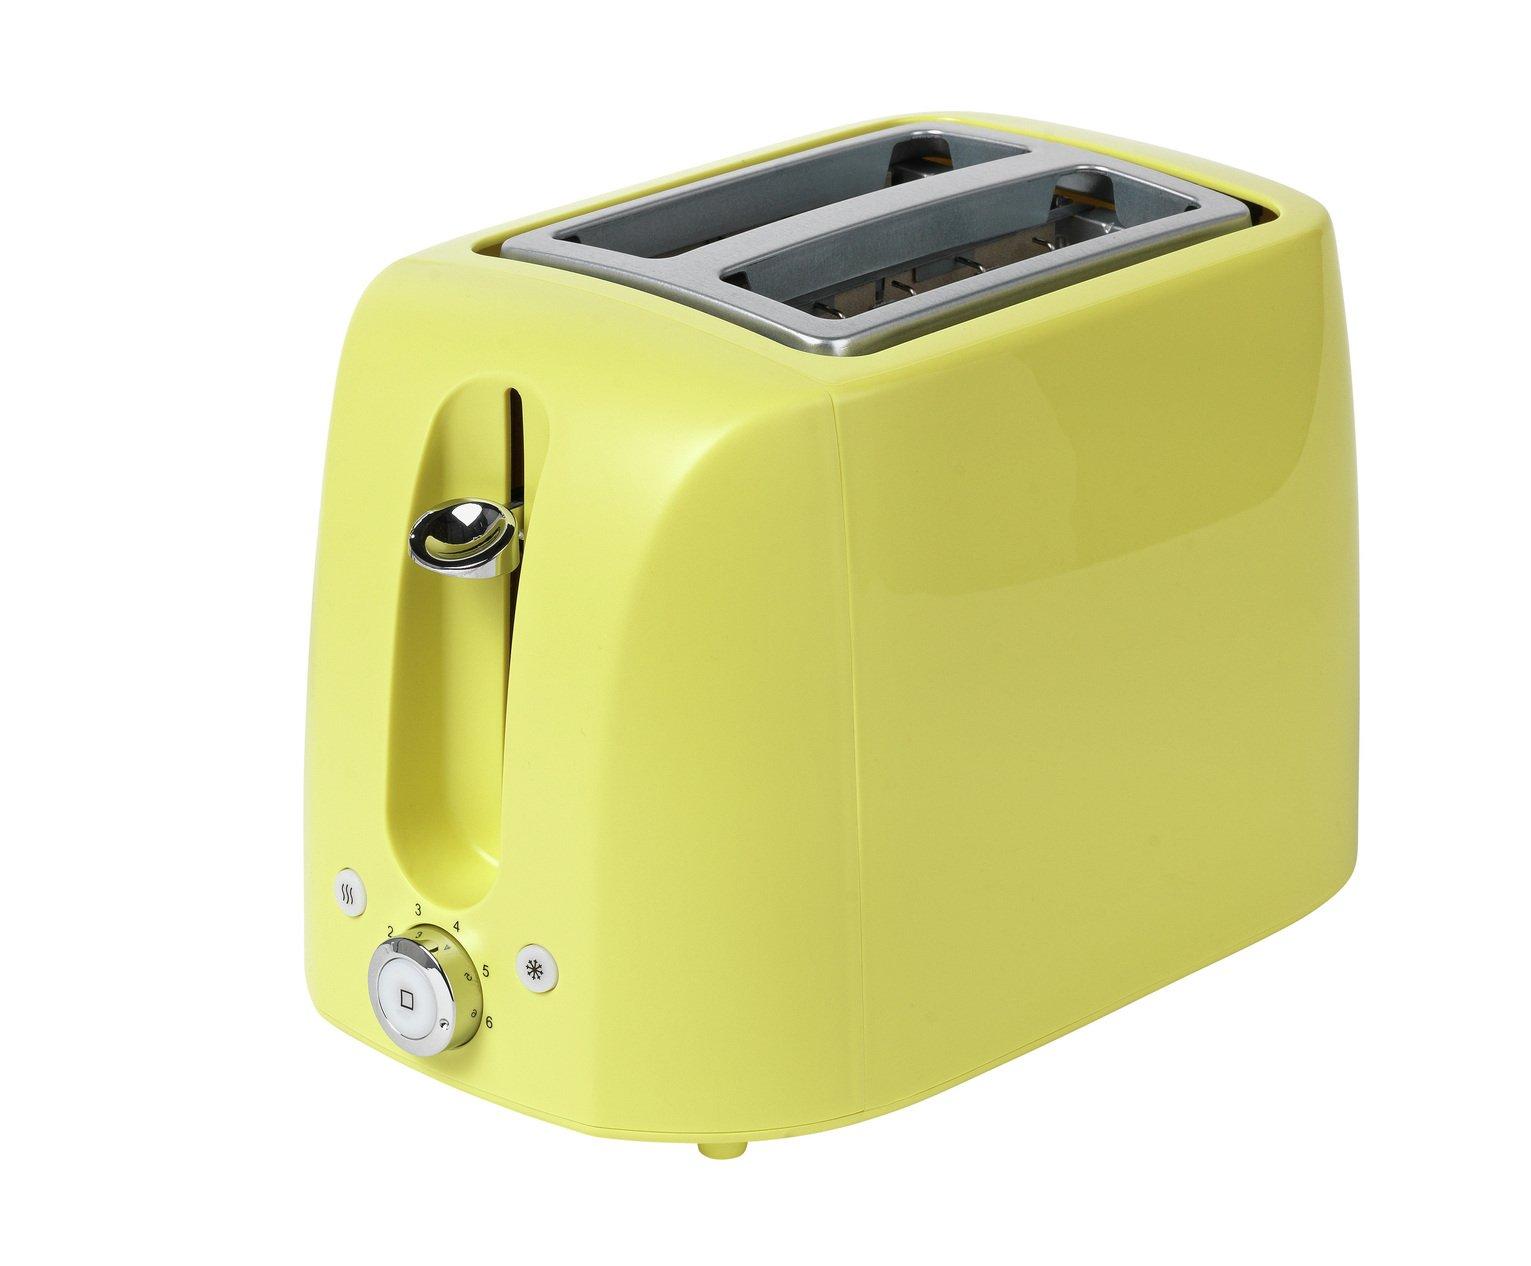 Cookworks 2 Slice Toaster - Green